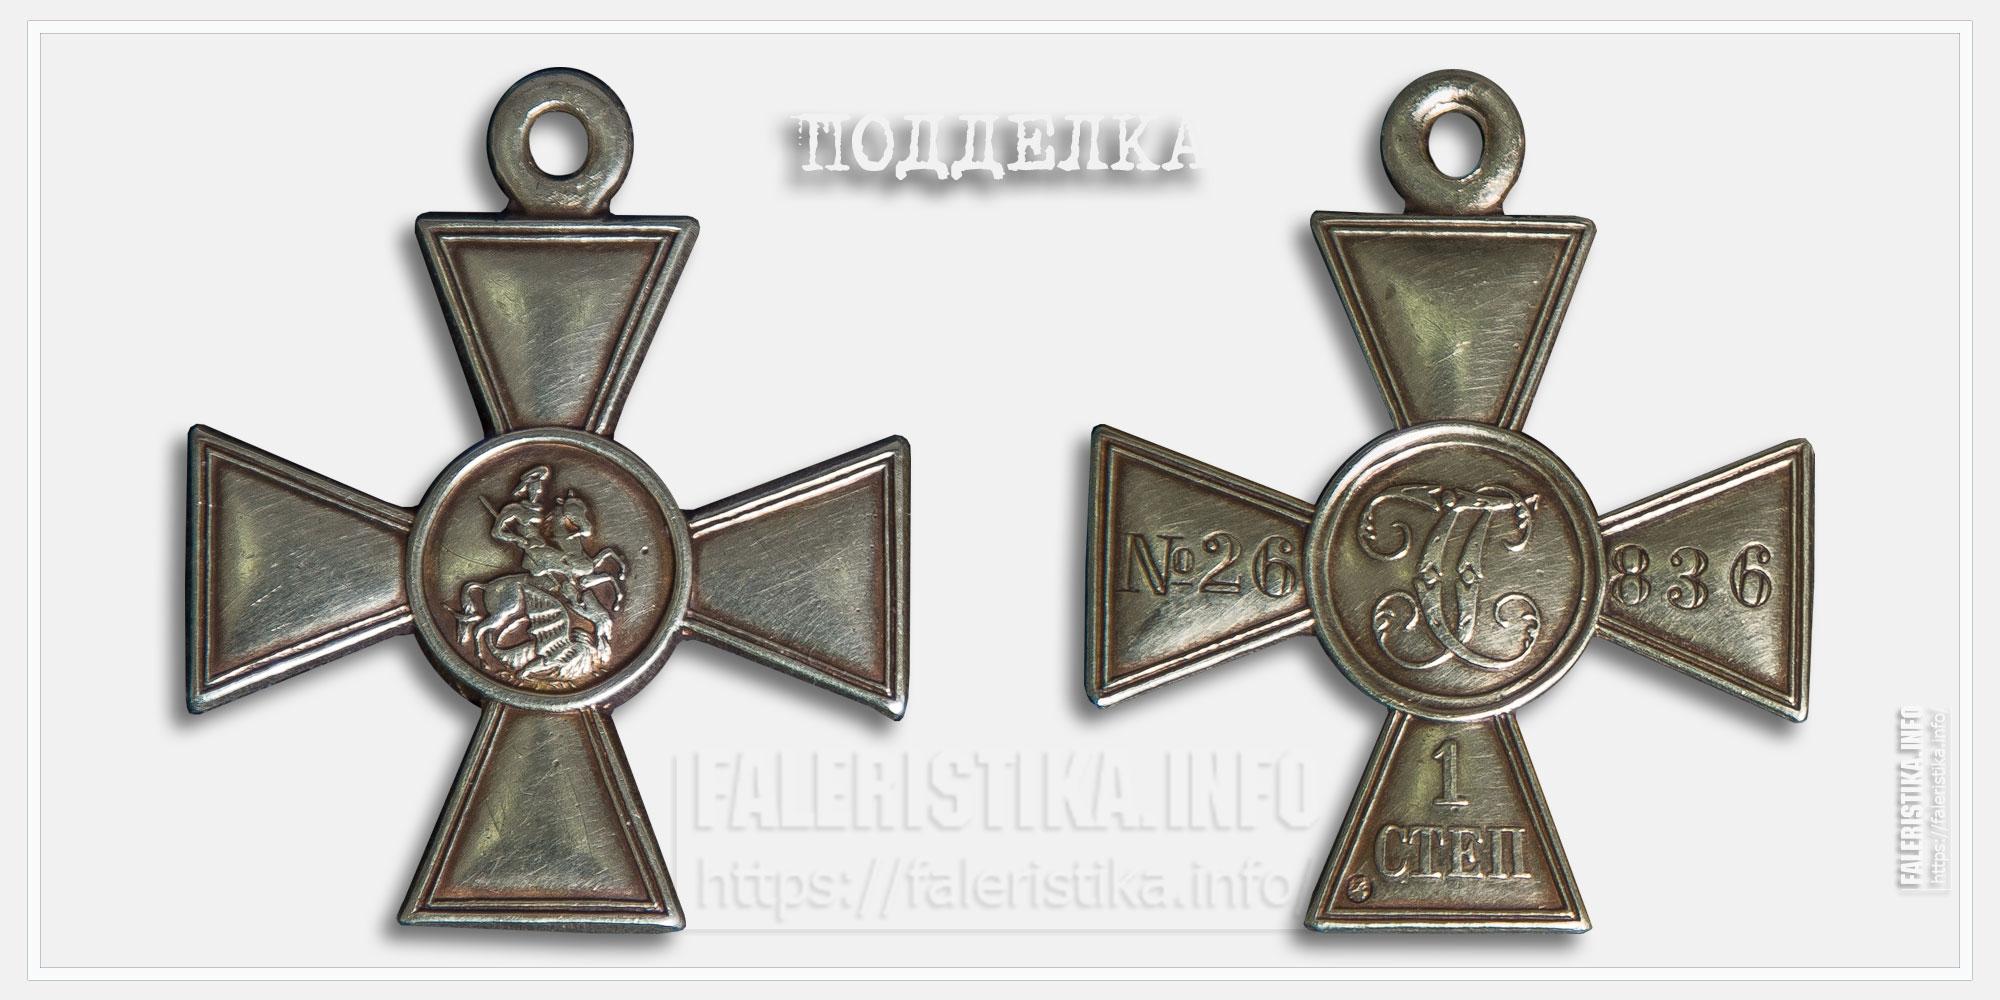 Георгиевский крест 1 ст. №26836 (подделка)